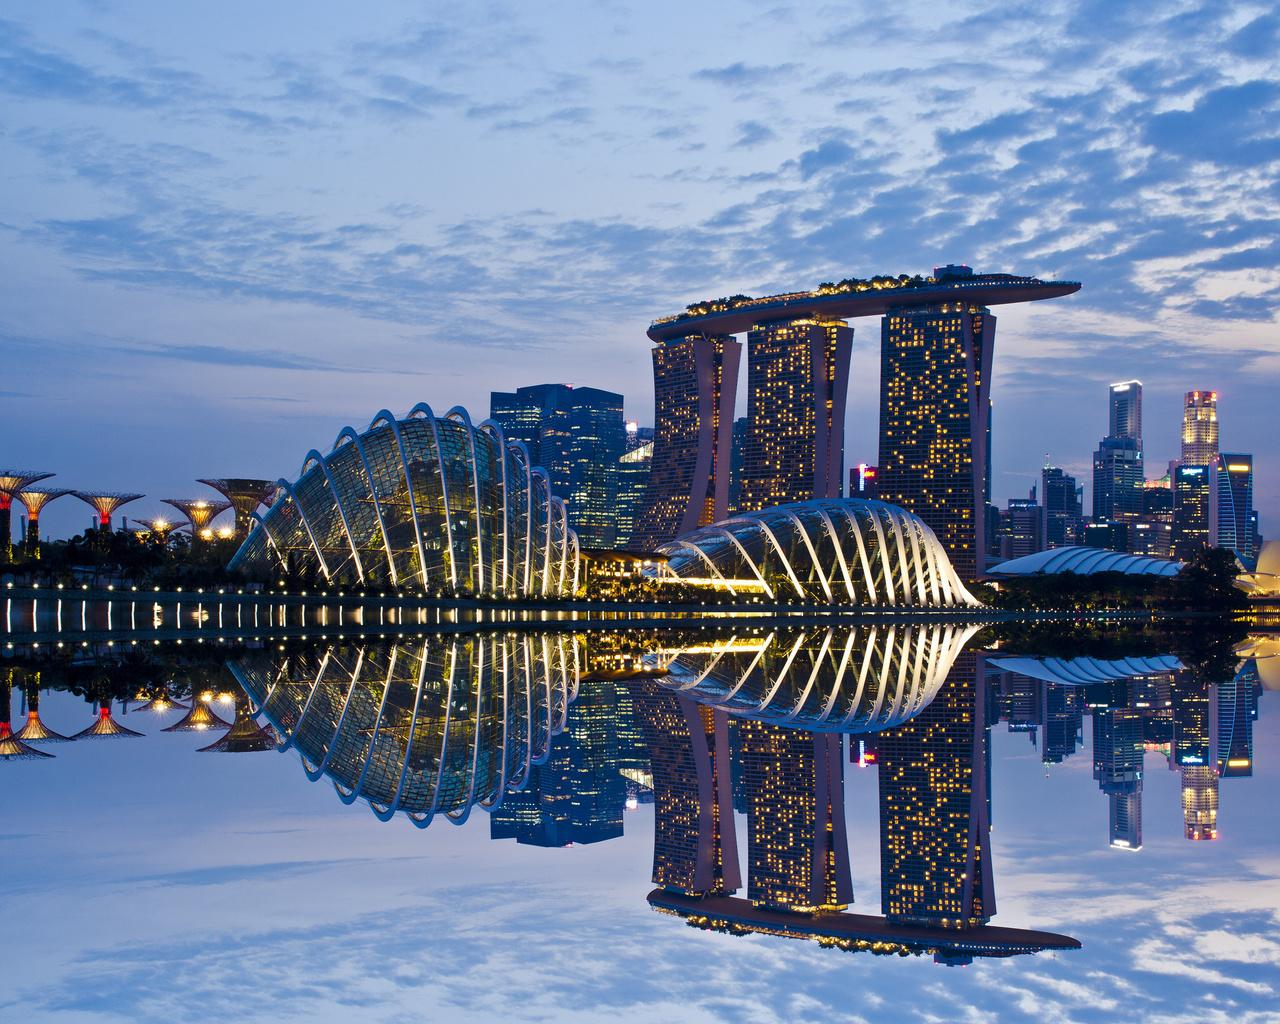 Сингапур картинки в хорошем качестве, открытках